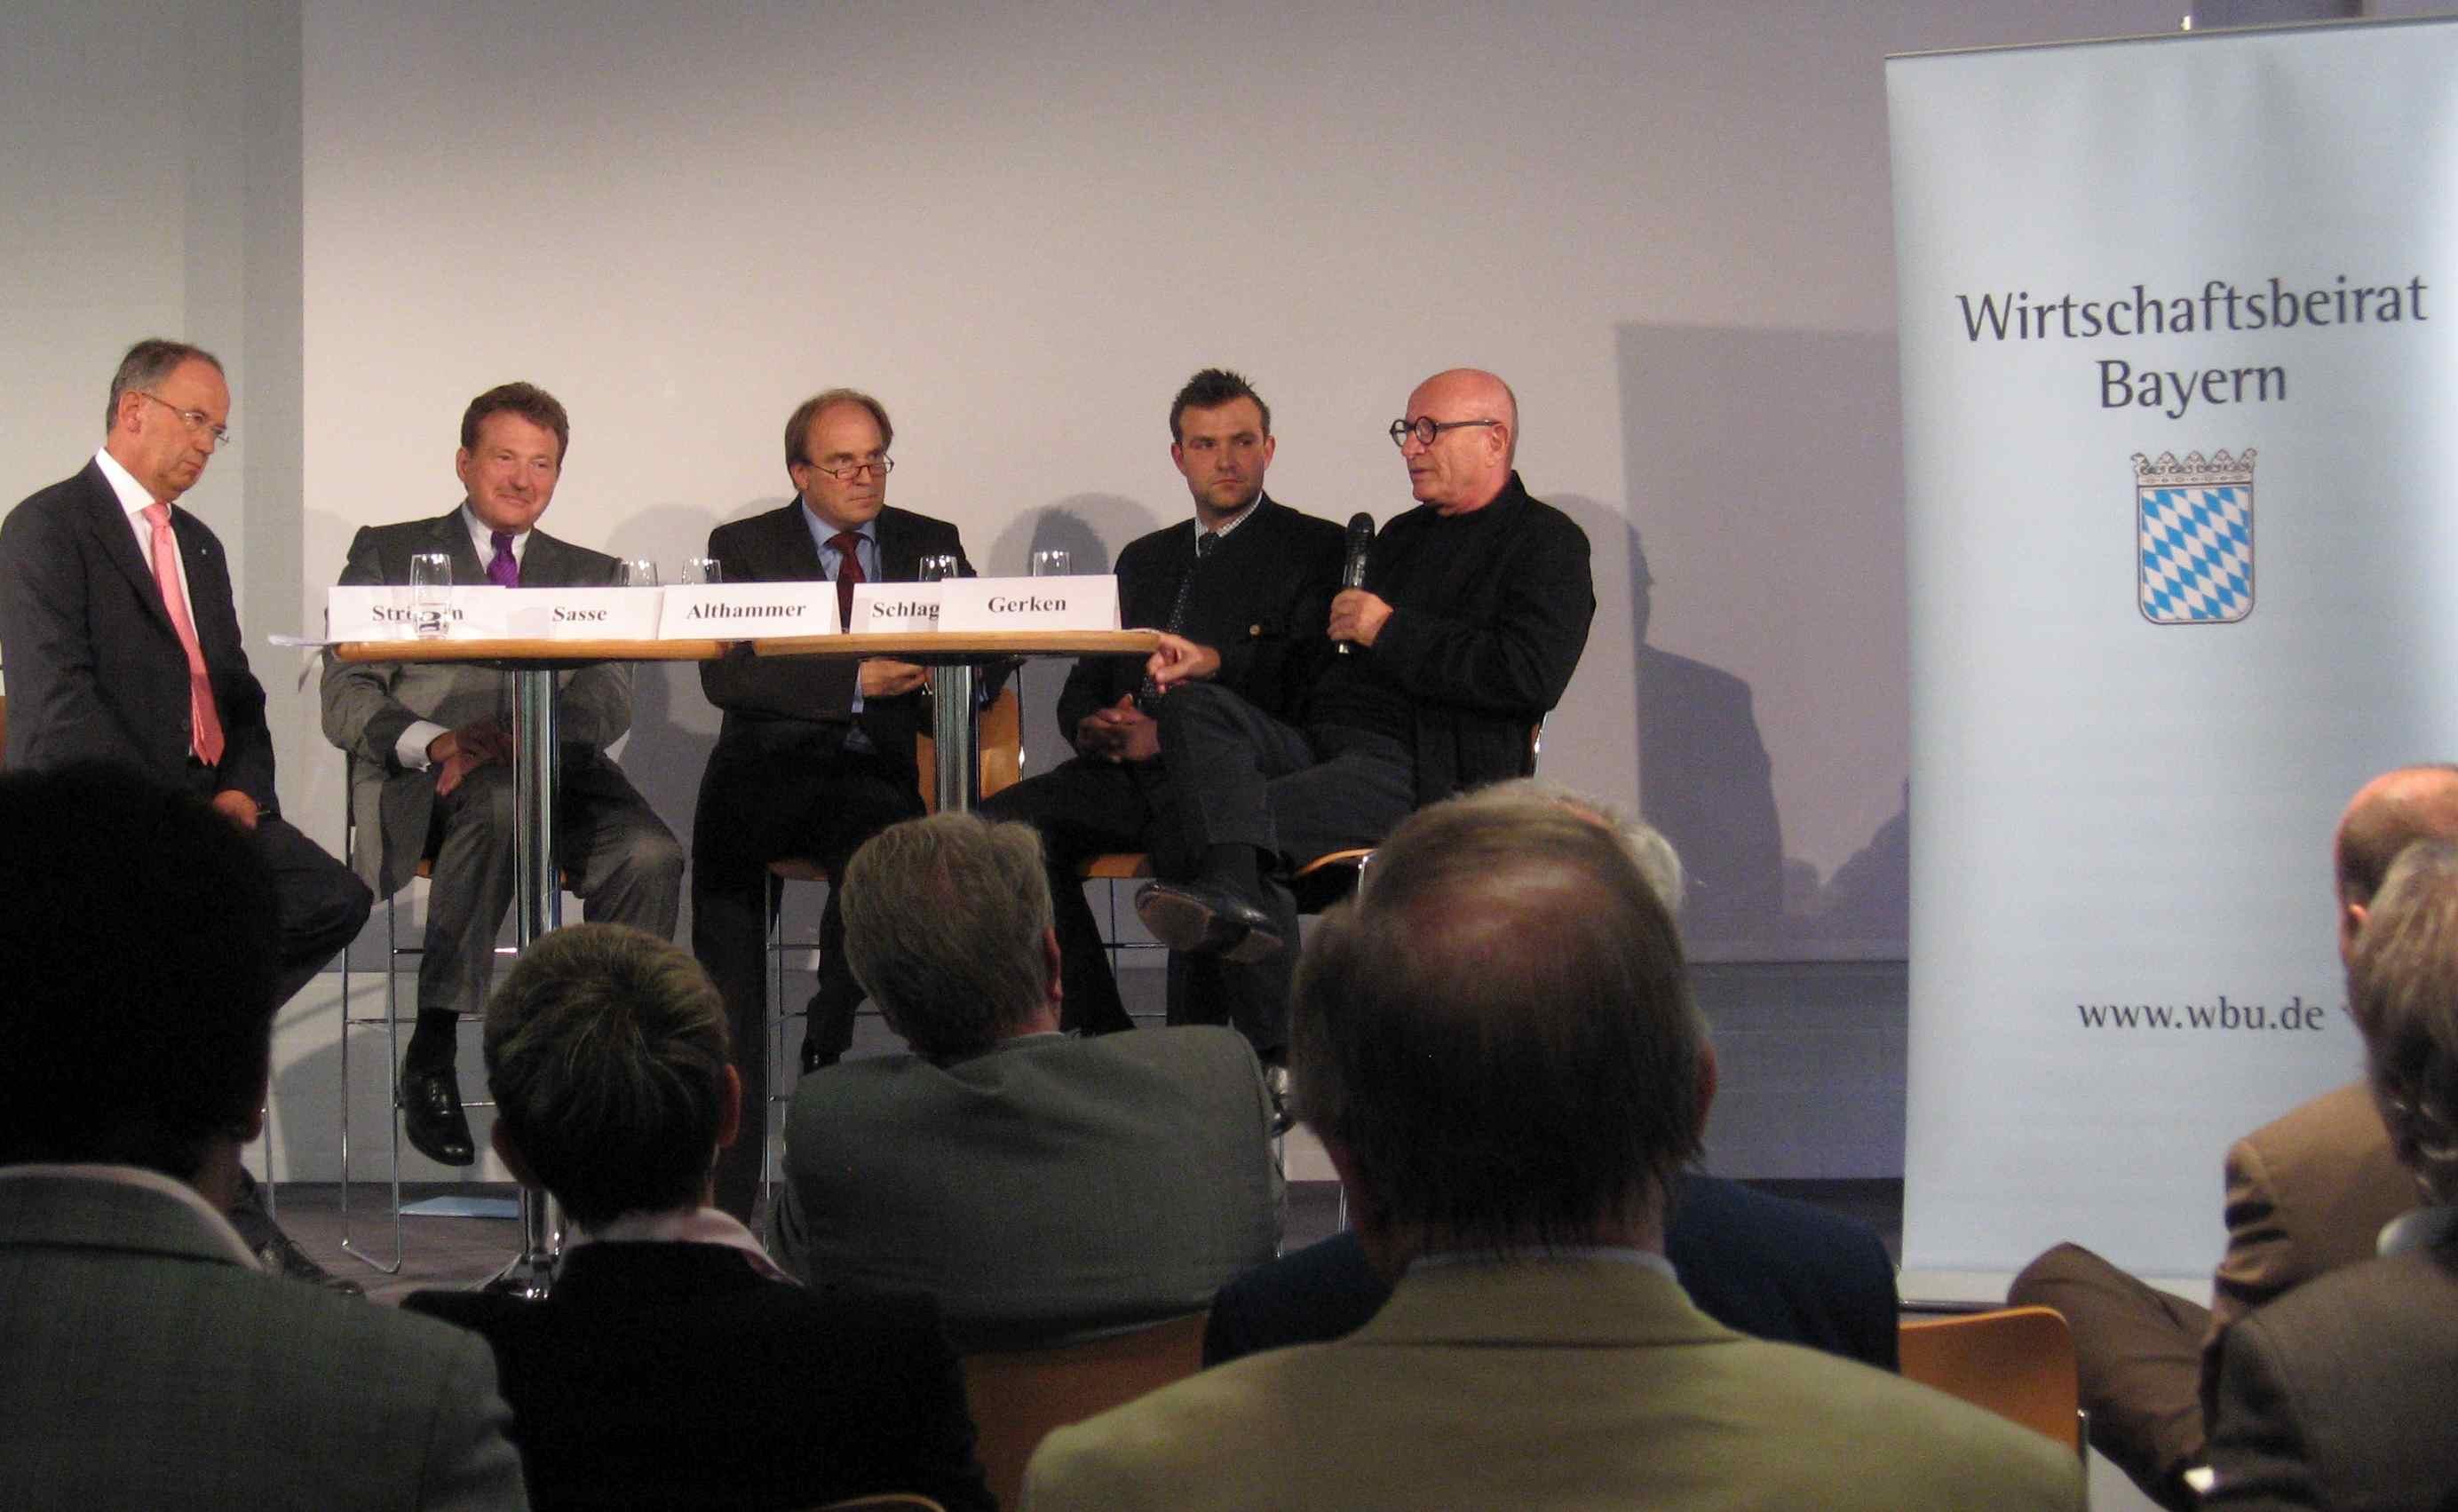 H. Strötgen, Dr. Sasse, Moderator P. Althammer, G. Schlagbauer, G. Gerken (vlnr)